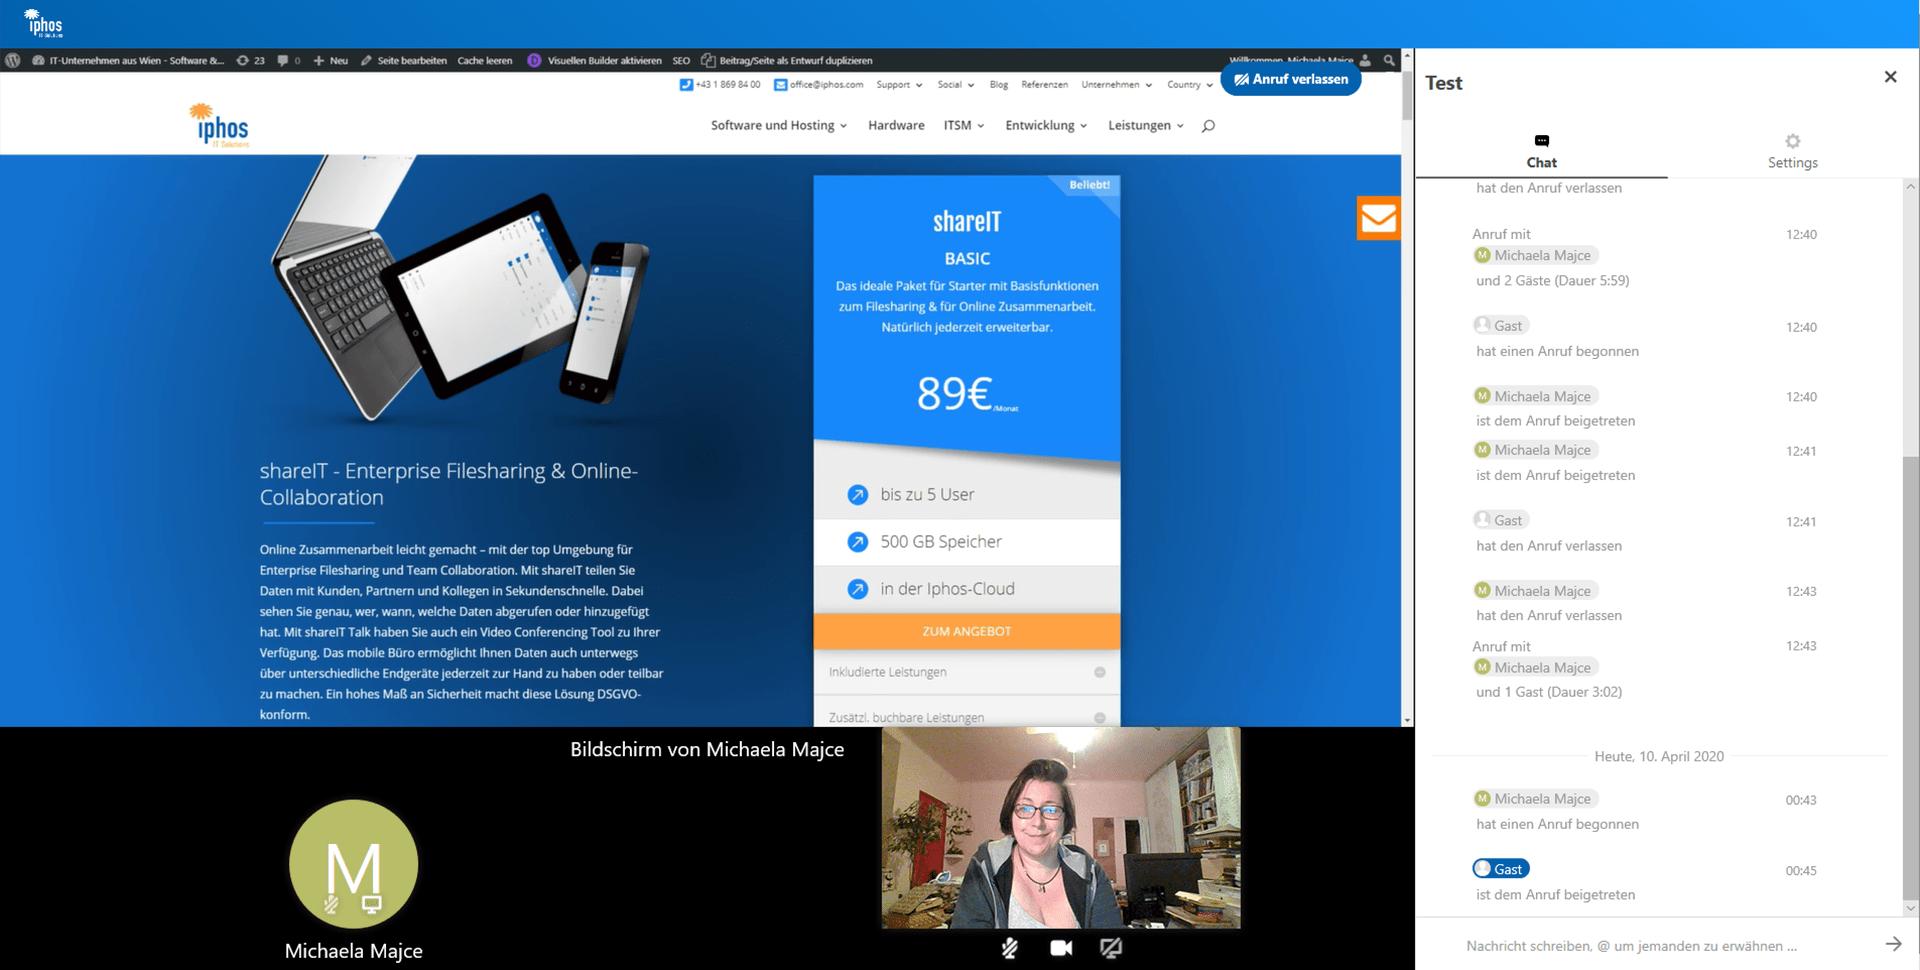 Bildschirm während dem Video Call teilen